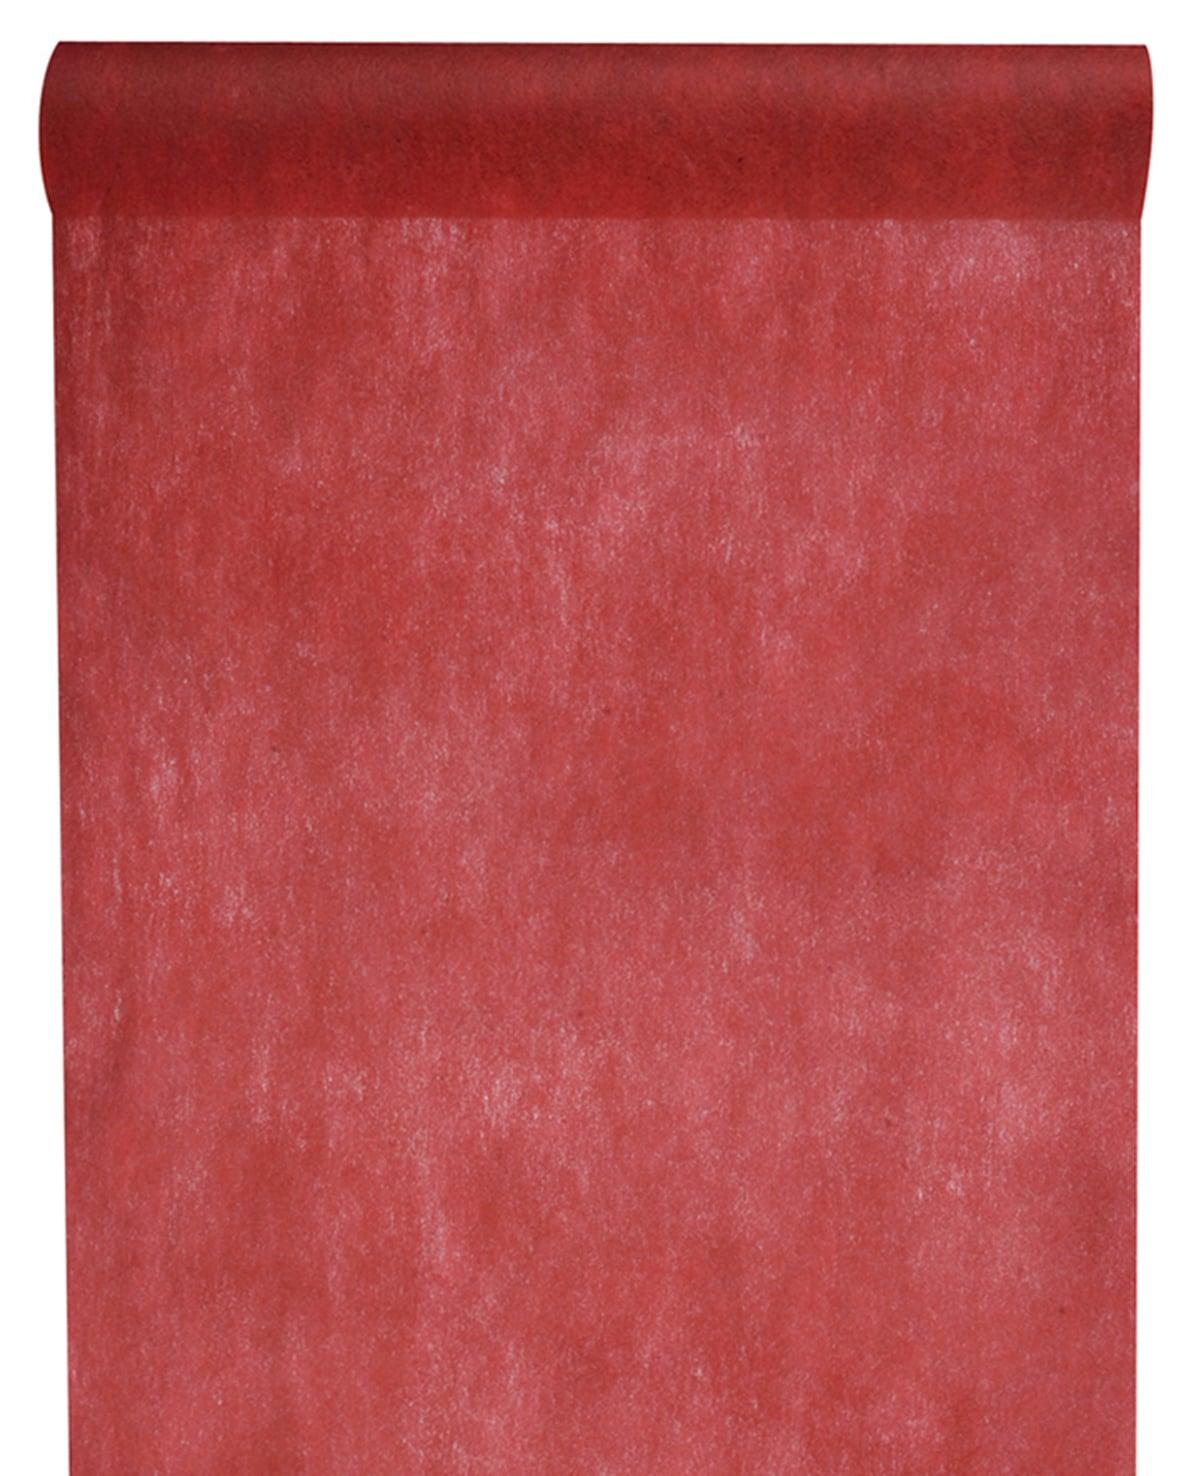 Vlies Tischlaeufer 30cm bordeaux (2810_21)